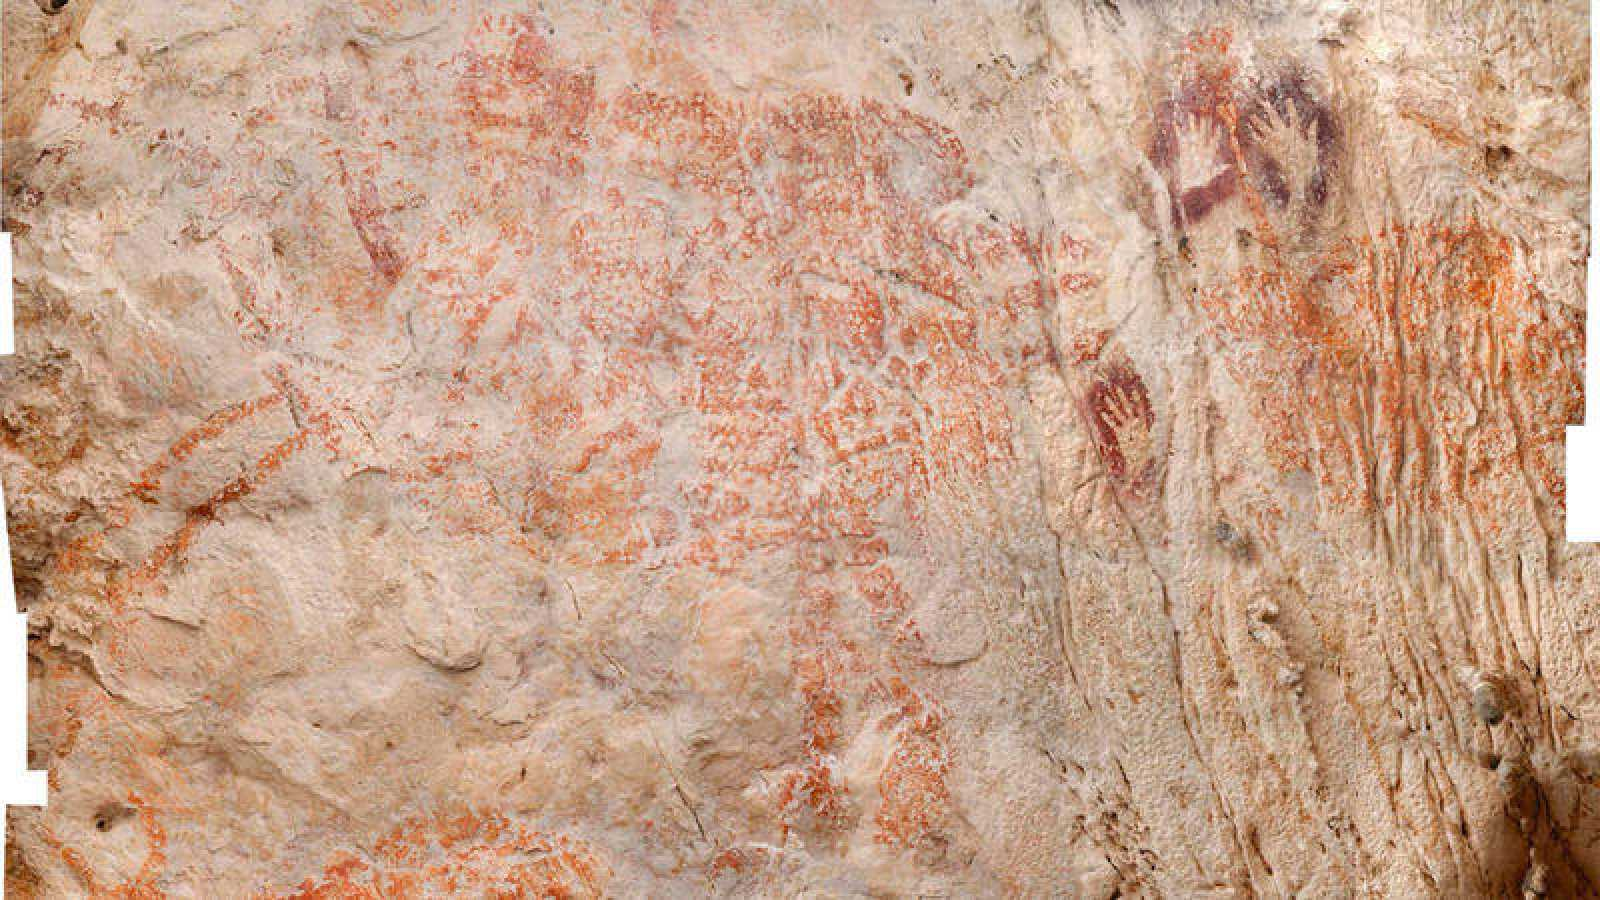 En una cueva en Borneo hallan imagen más antigua de animal